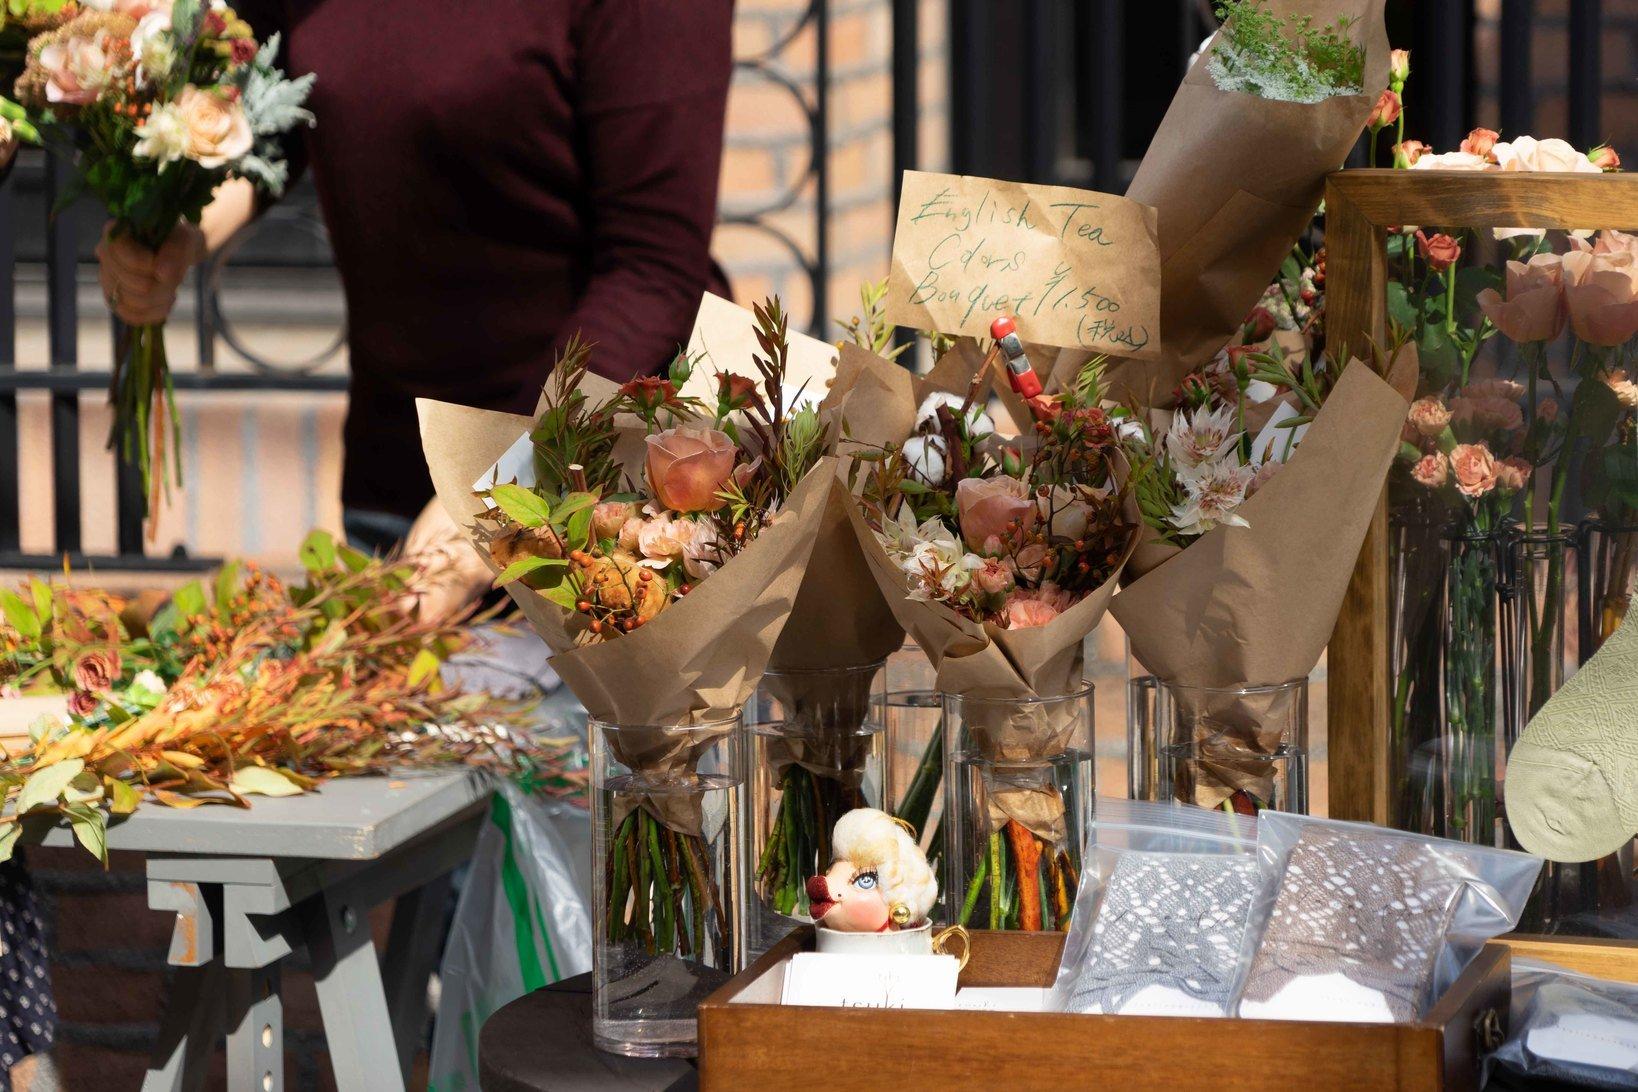 秋らしい色どりのブーケは来場者にも大人気。ロンドンはじめヨーロッパ各地での修行を経て、独自のスタイルで活動するエンターテイメントフローリスト「tsuki+」福原由香里さんによる、イギリスの秋香る紅茶色のフラワーブーケ作りワークショップも開催されていました。